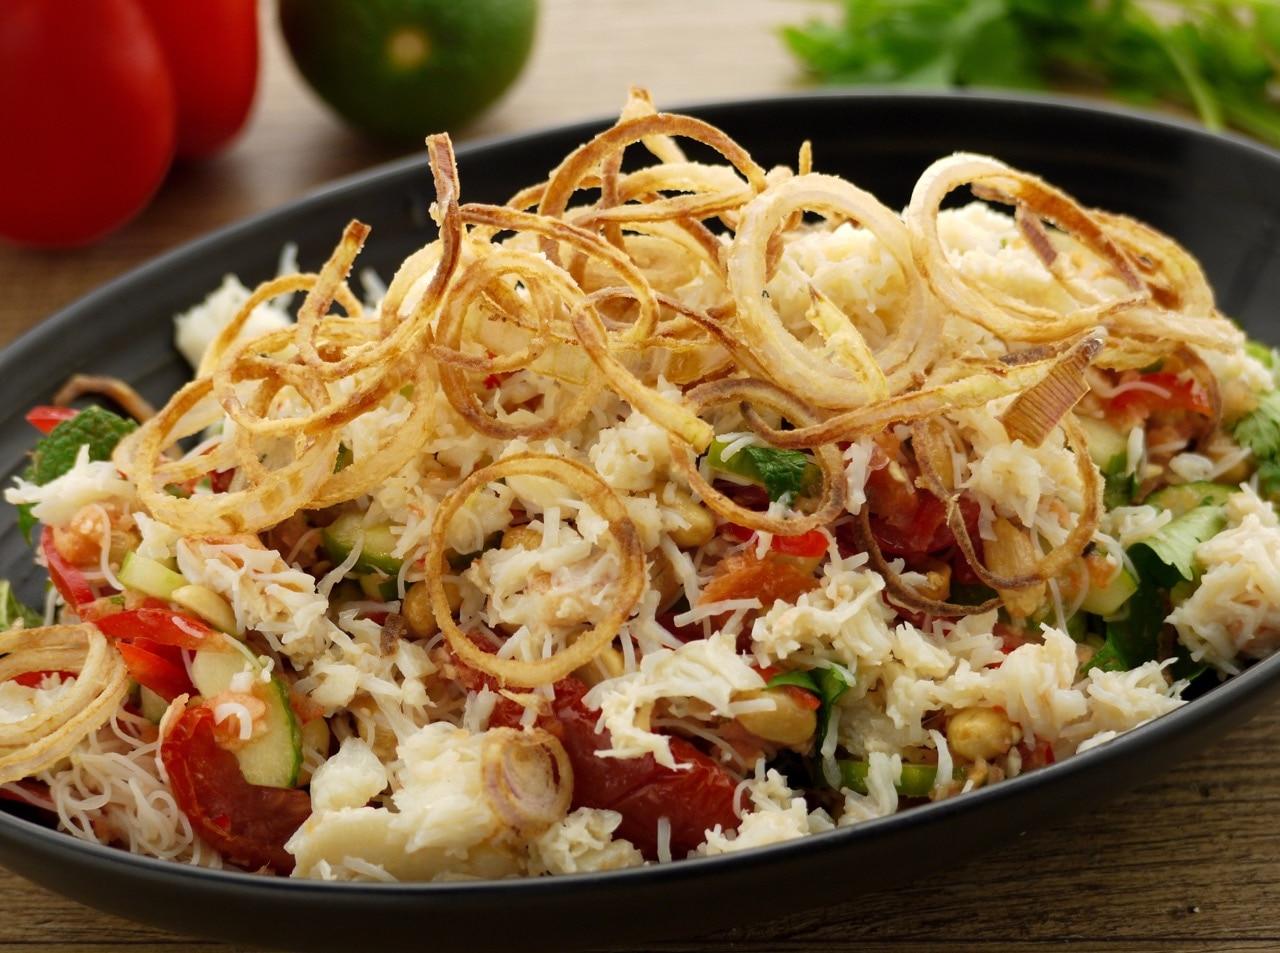 Hot Crab, Noodle & Peanut Salad